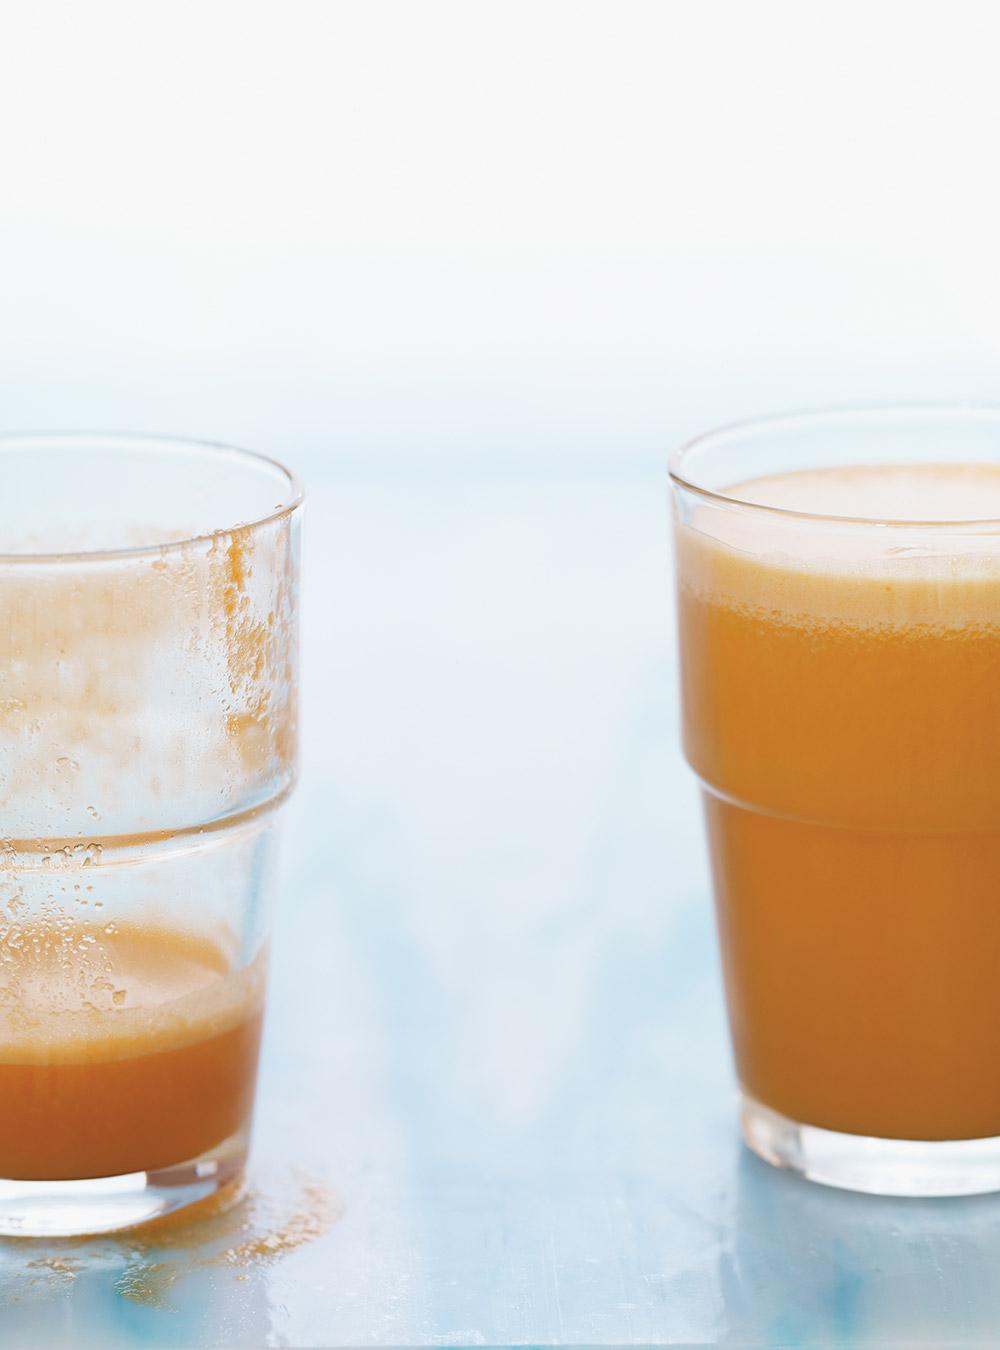 Jus tonifiant à l'ananas, aux carottes et aux pommes | ricardo